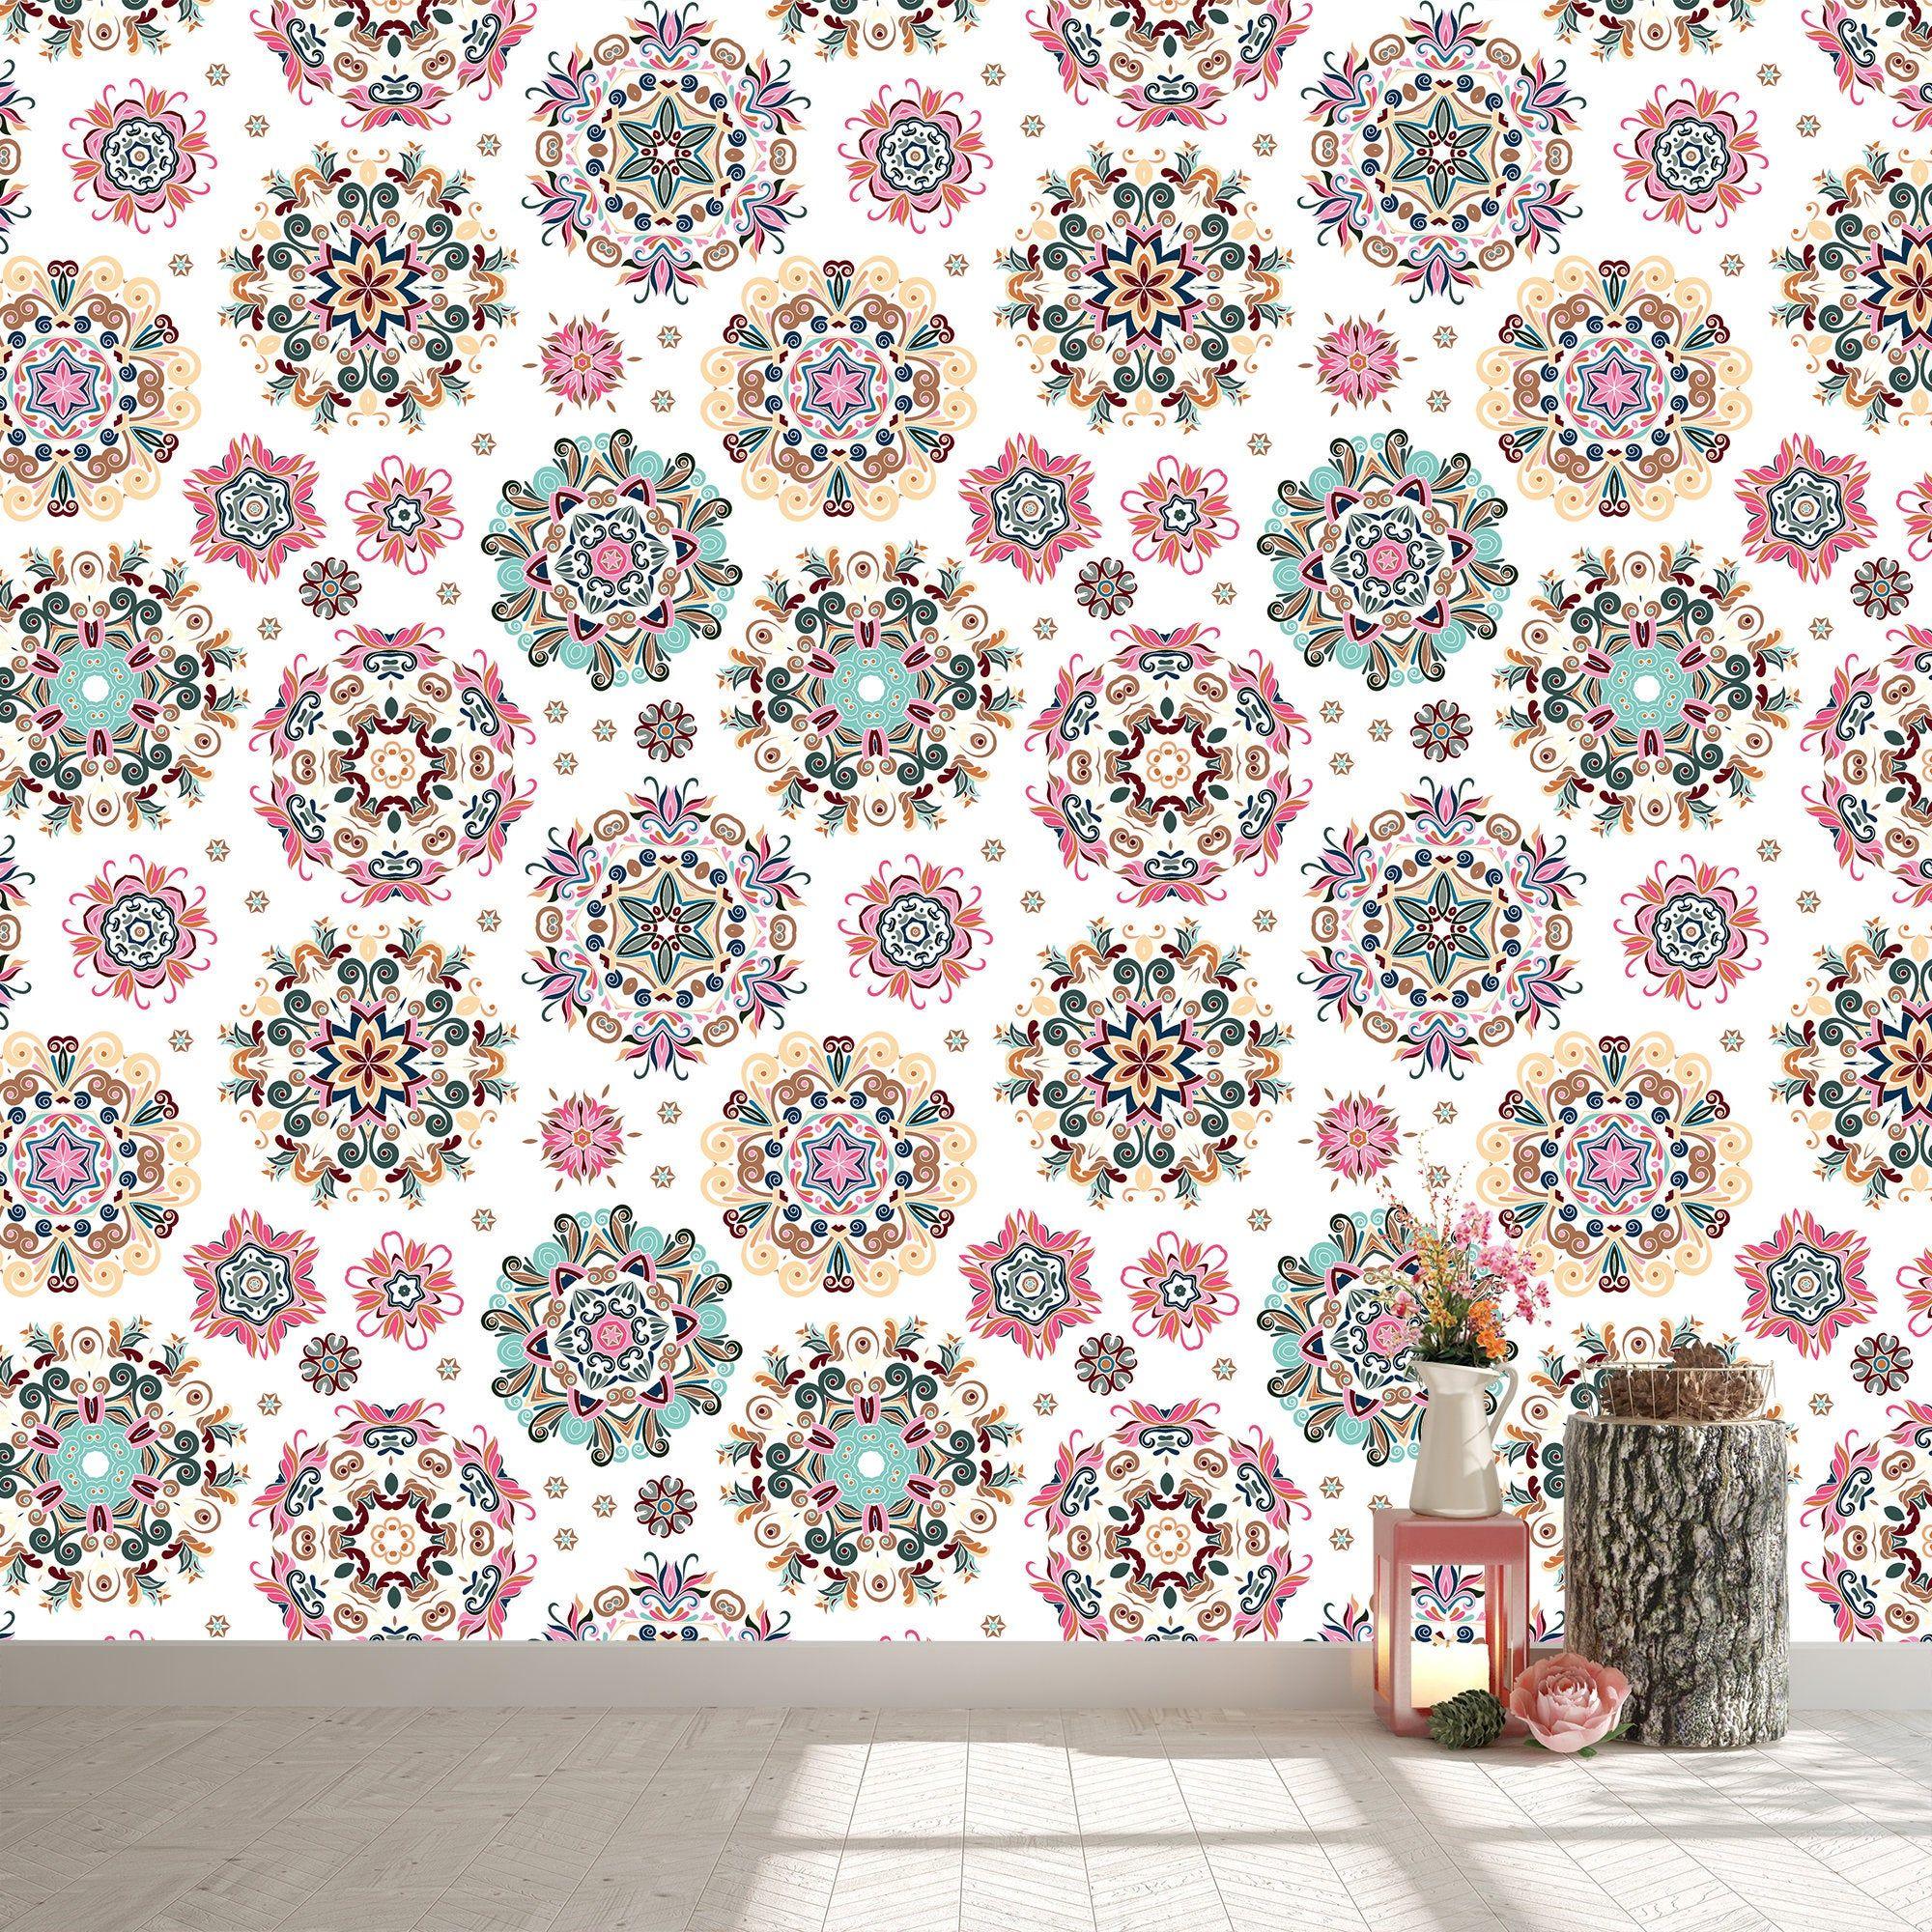 Mandala Removable Wallpaper Personalize Print Multicolour Etsy Removable Wallpaper Mandala Wallpaper Personalized Prints